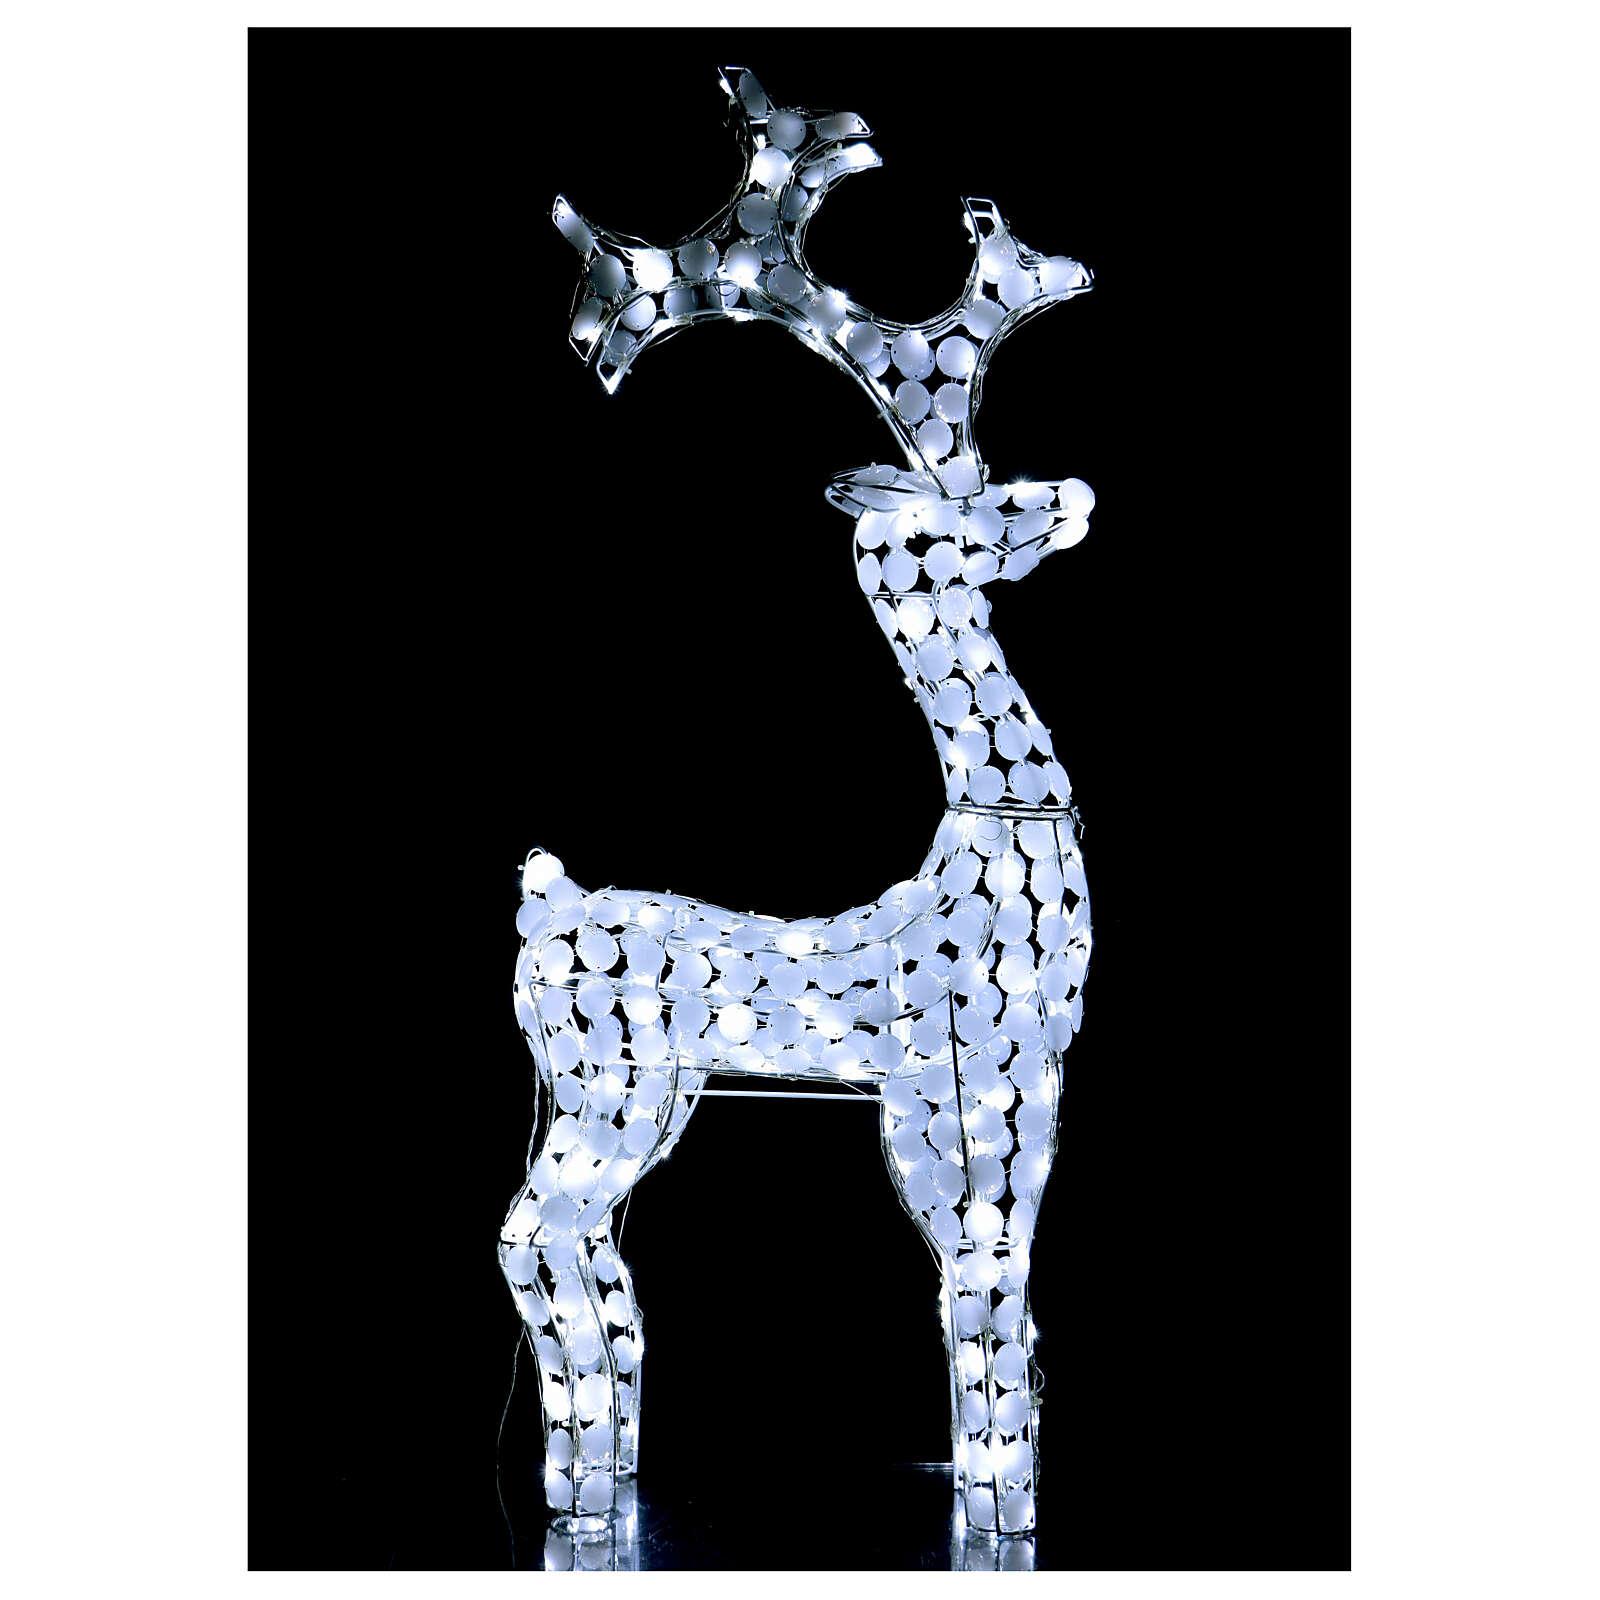 Luz reno blanco hielo 200 led h 115 cm uso interior exterior 3